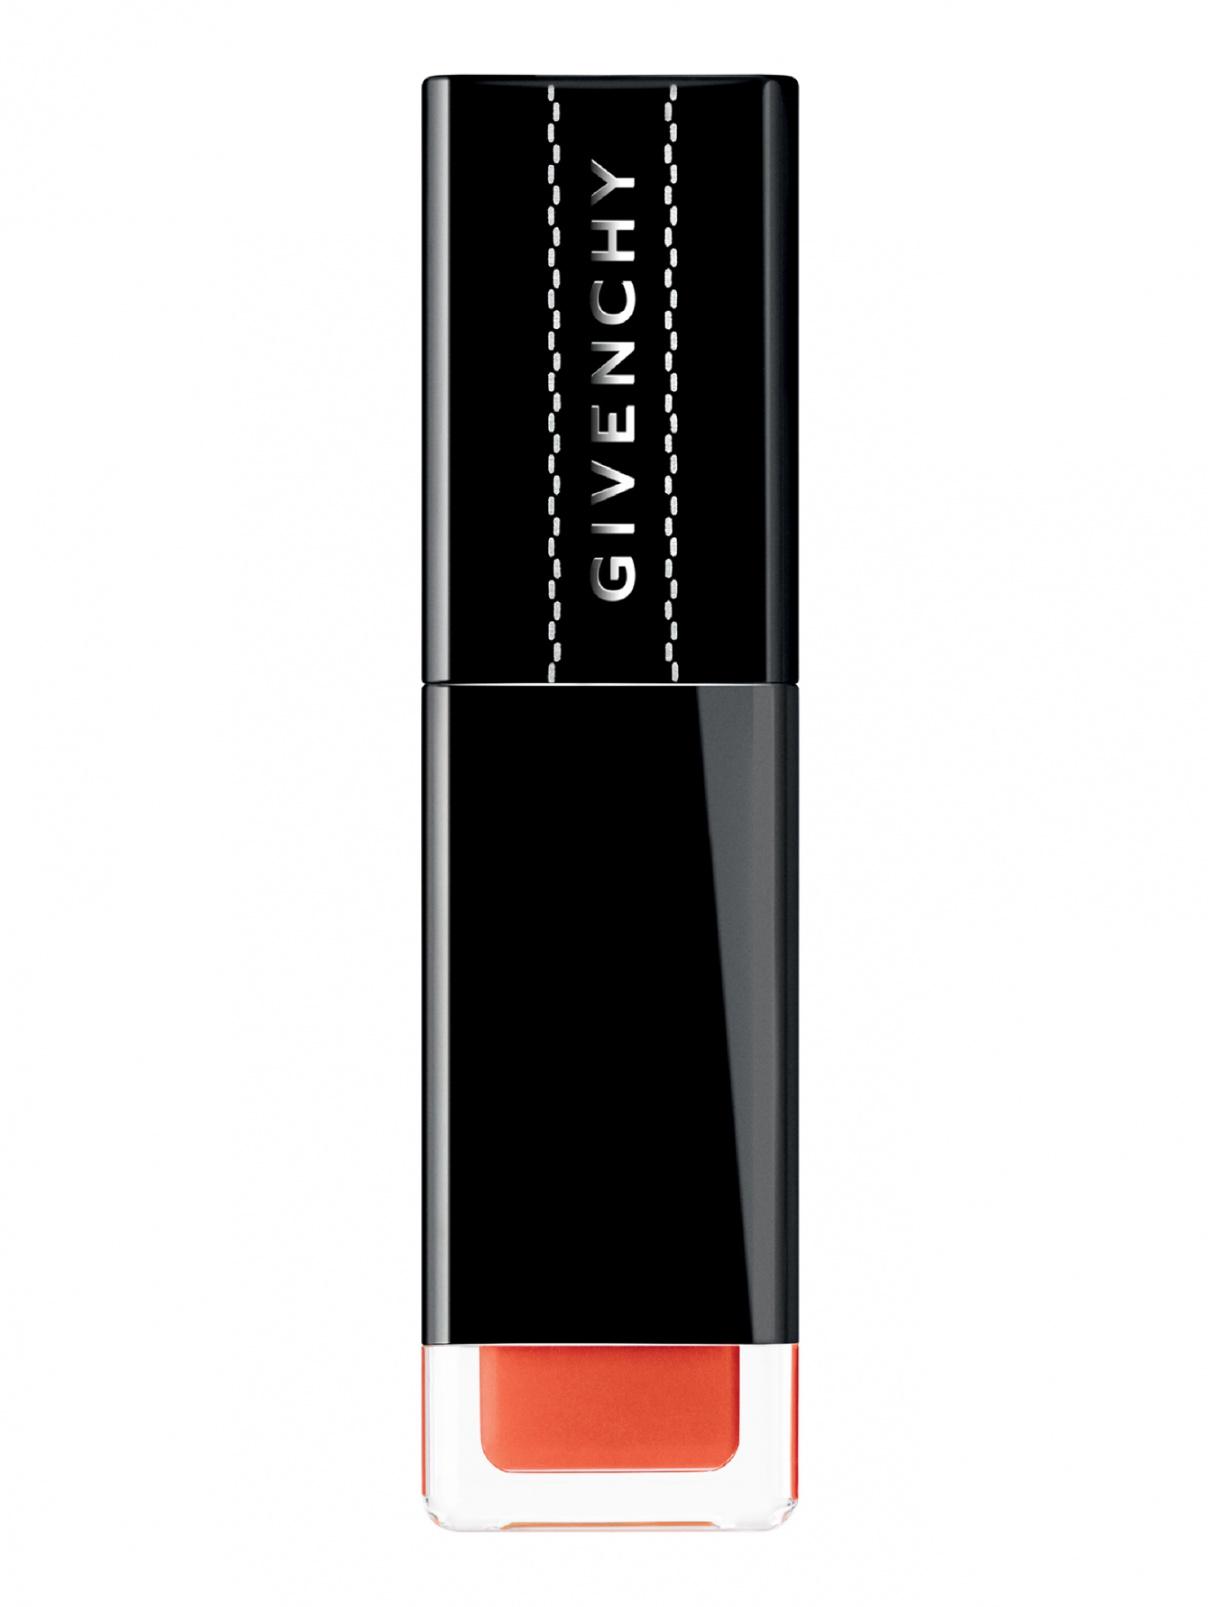 Тинт для губ ENCRE INTERDITE, 05 солнечный блик, 7.5 мл Givenchy  –  Общий вид